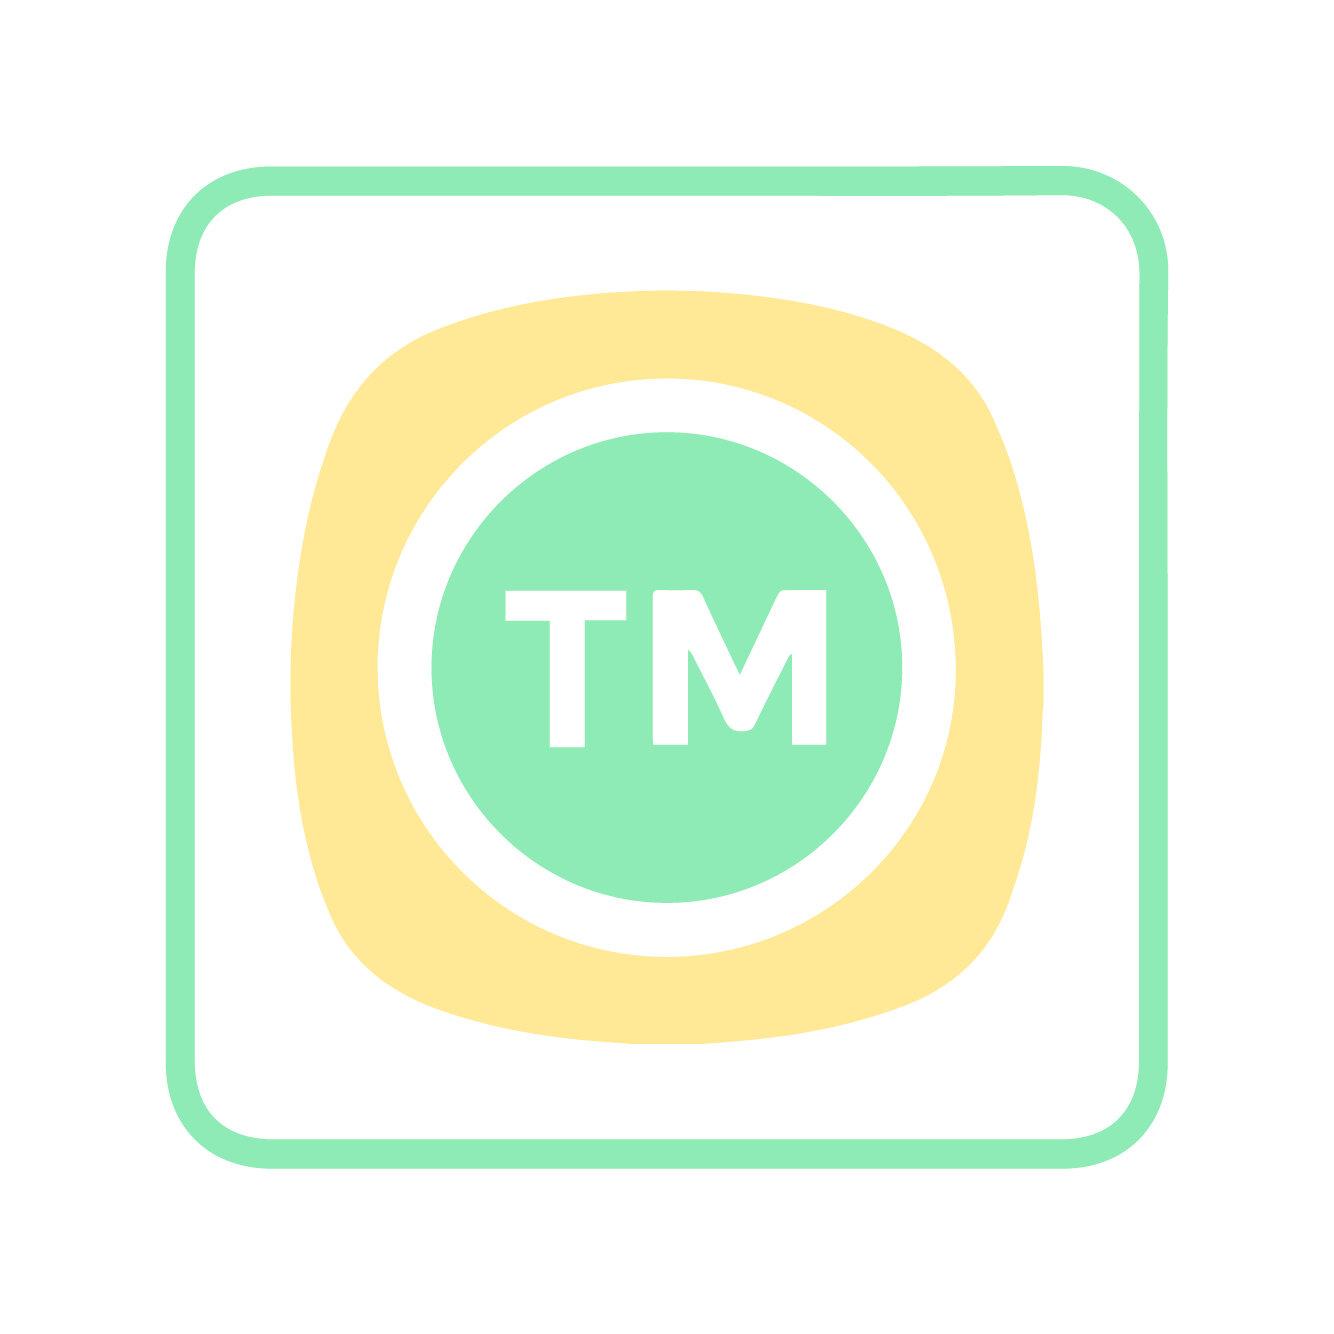 Trademark-symbol.jpg